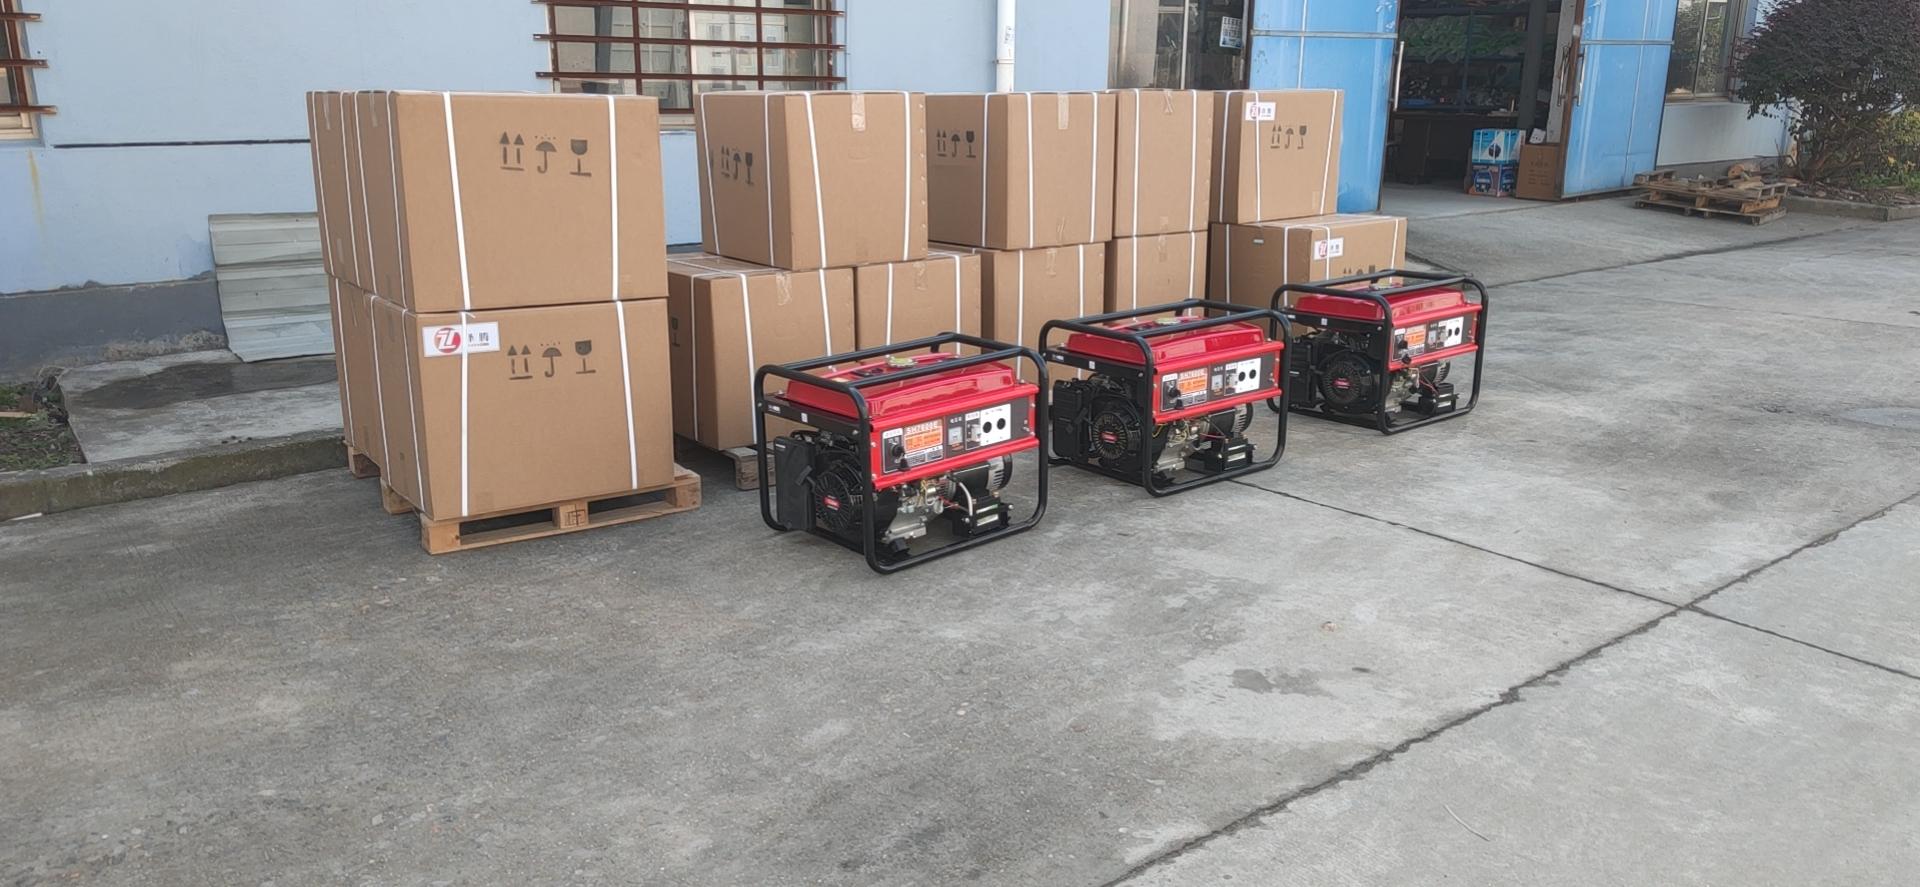 5kw汽油发电机泽腾品牌 医院备用电源956236285